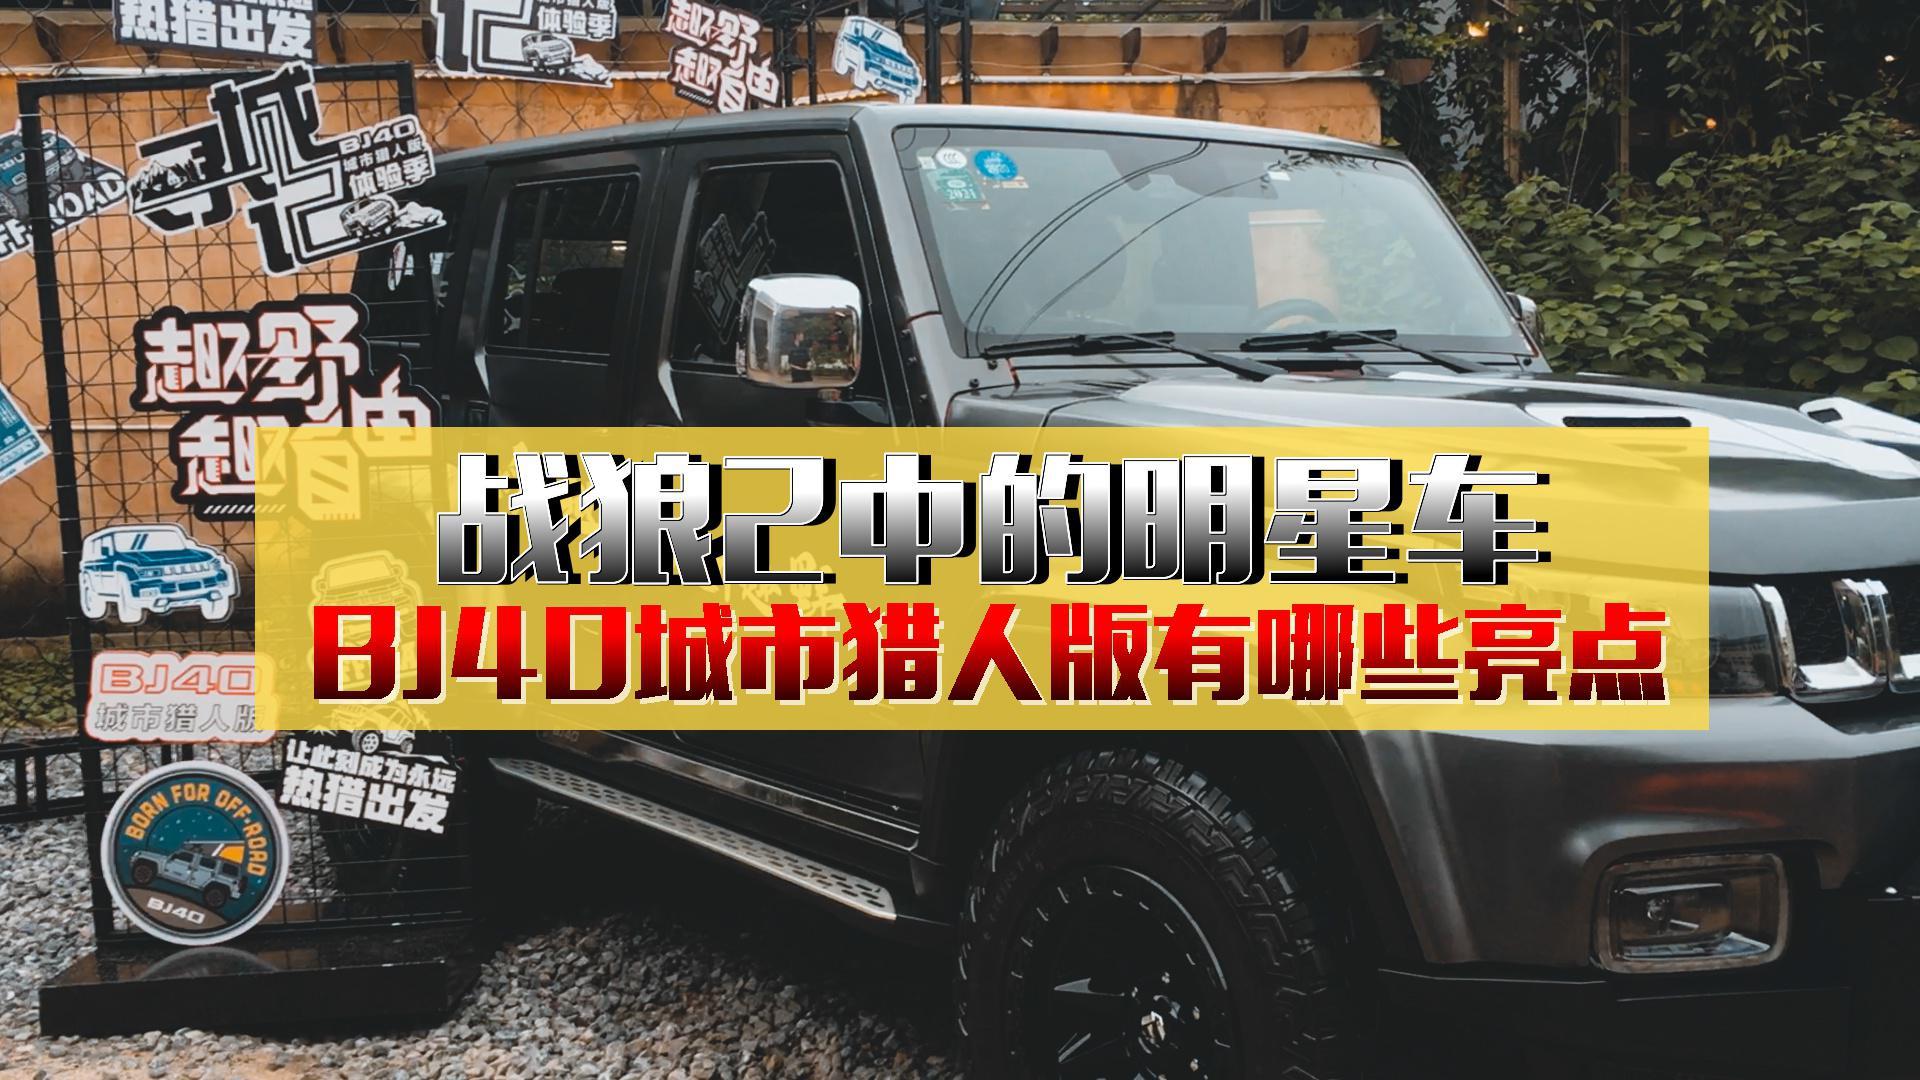 视频:战狼2中的明星车,BJ40城市猎人版有哪些亮点